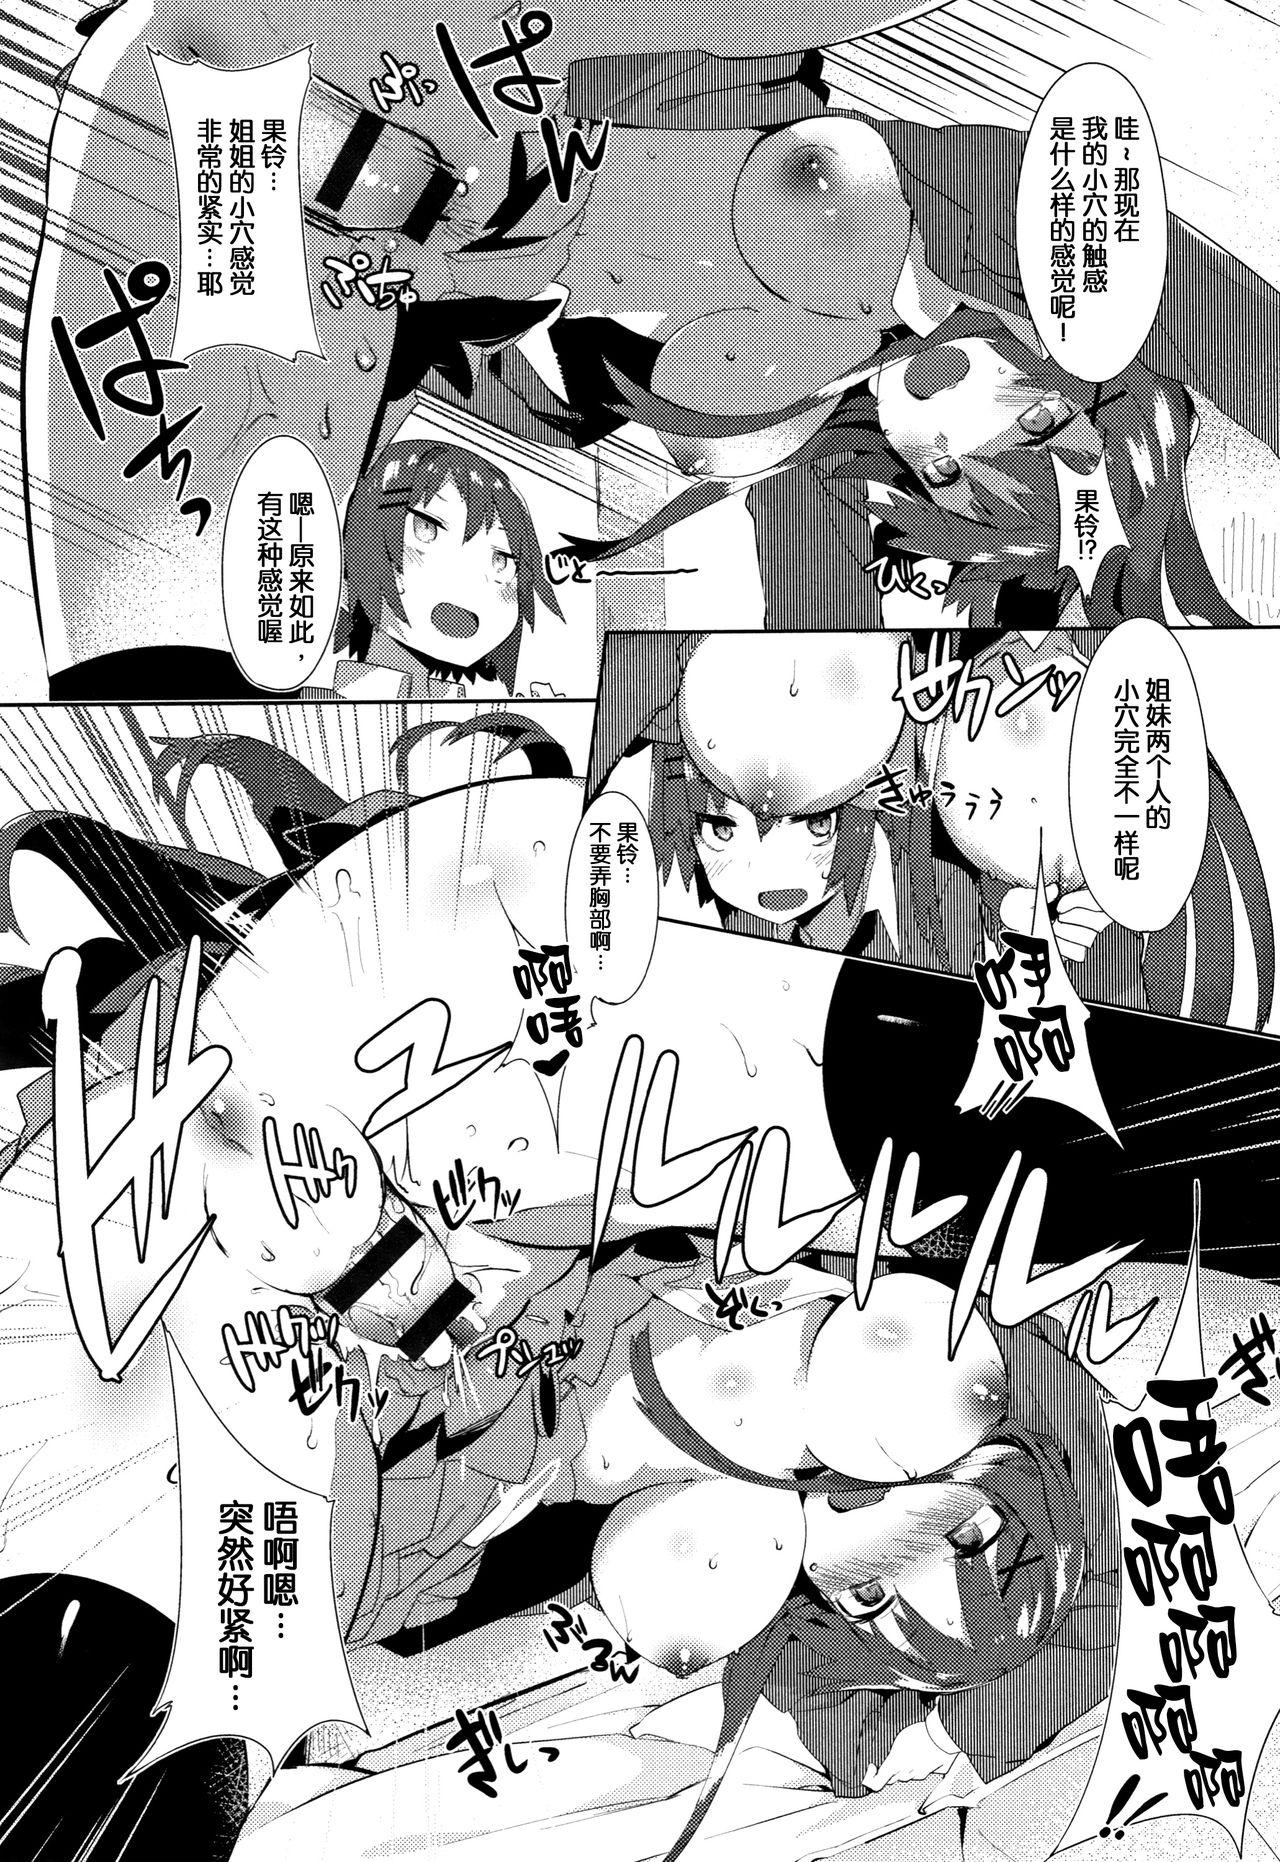 Hatsukoi Engage 193